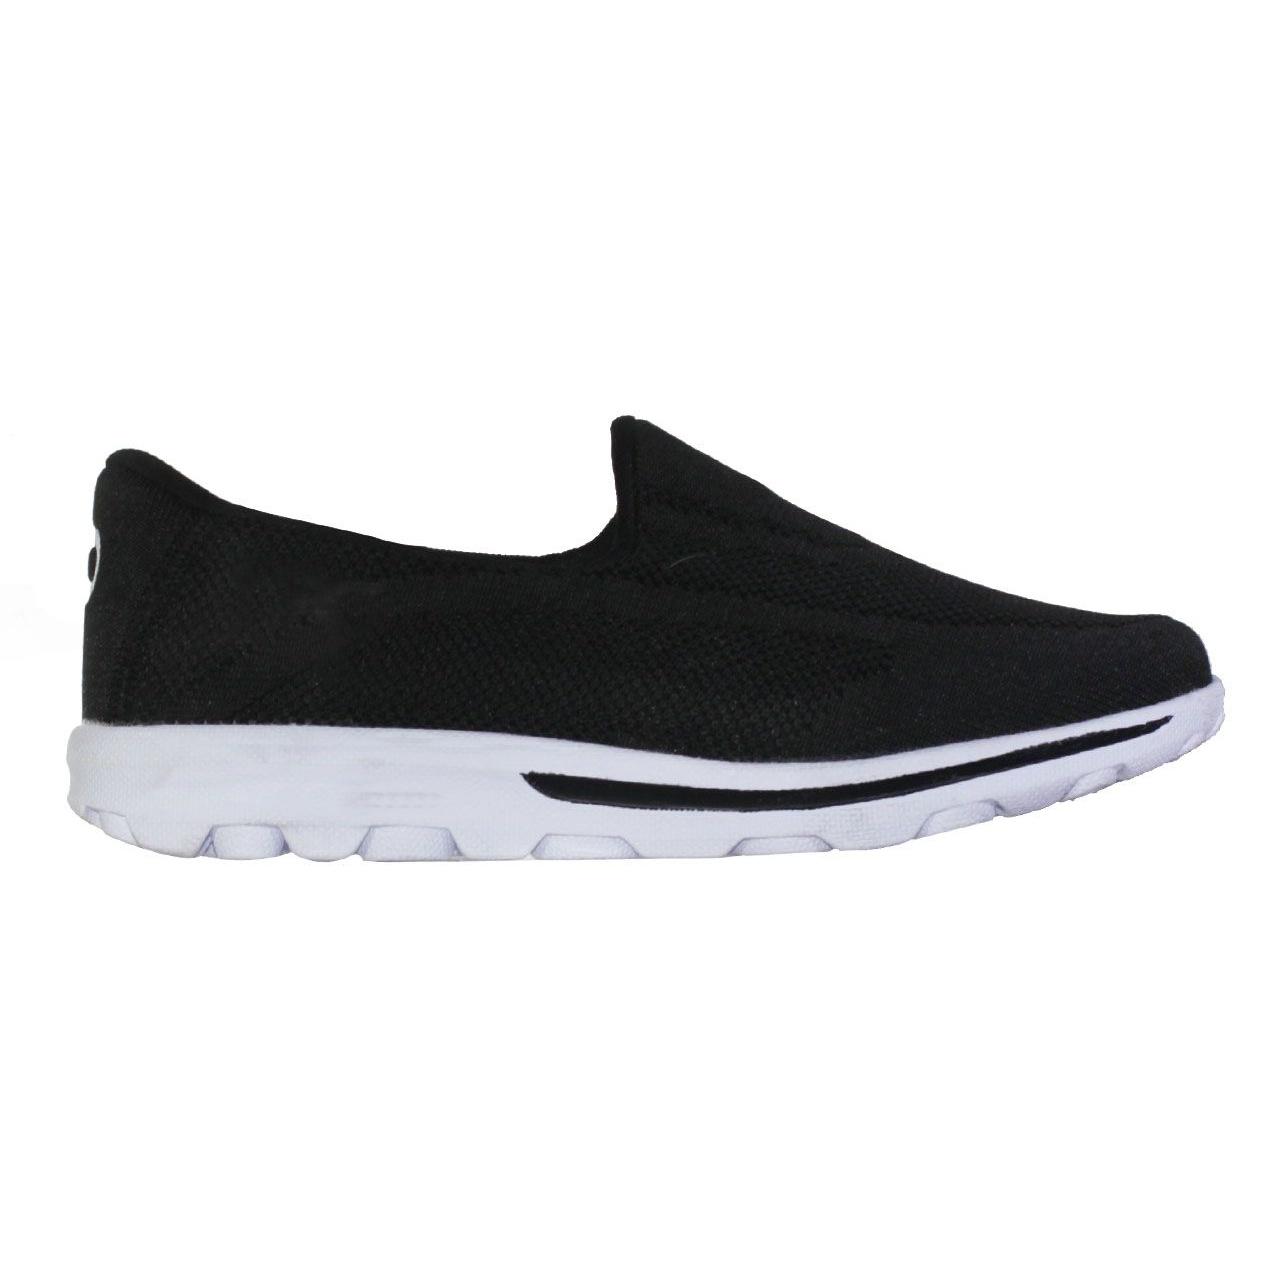 کفش مخصوص پیاده روی زنانه مدل Moshe کد 01